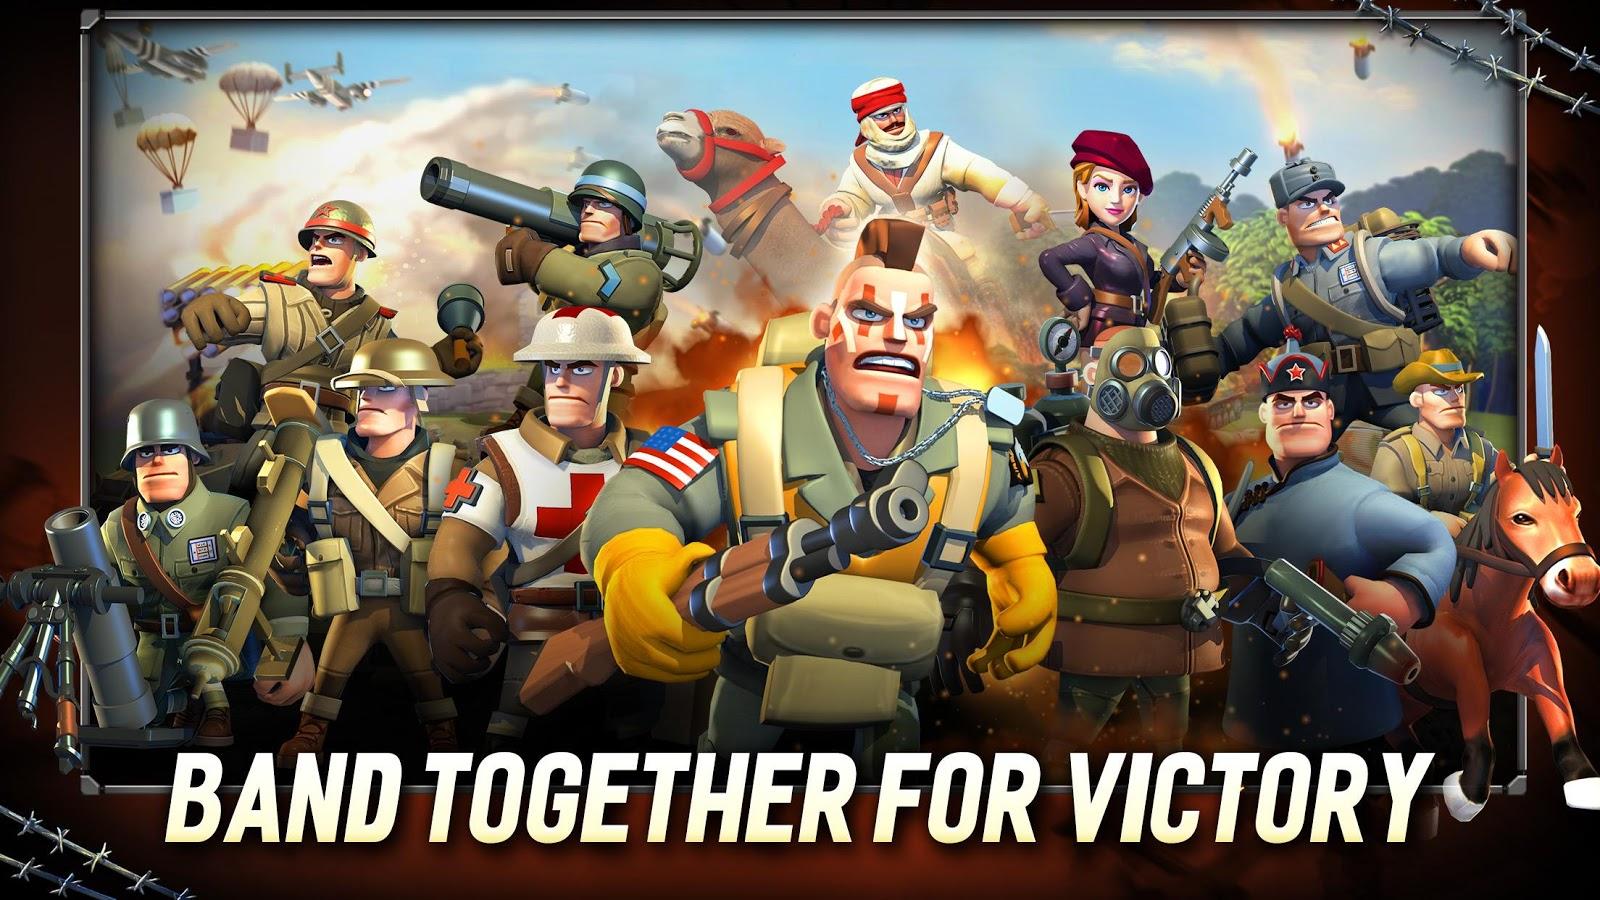 دانلود رایگان بازی جبهه طوفان 1944 StormFront 1944